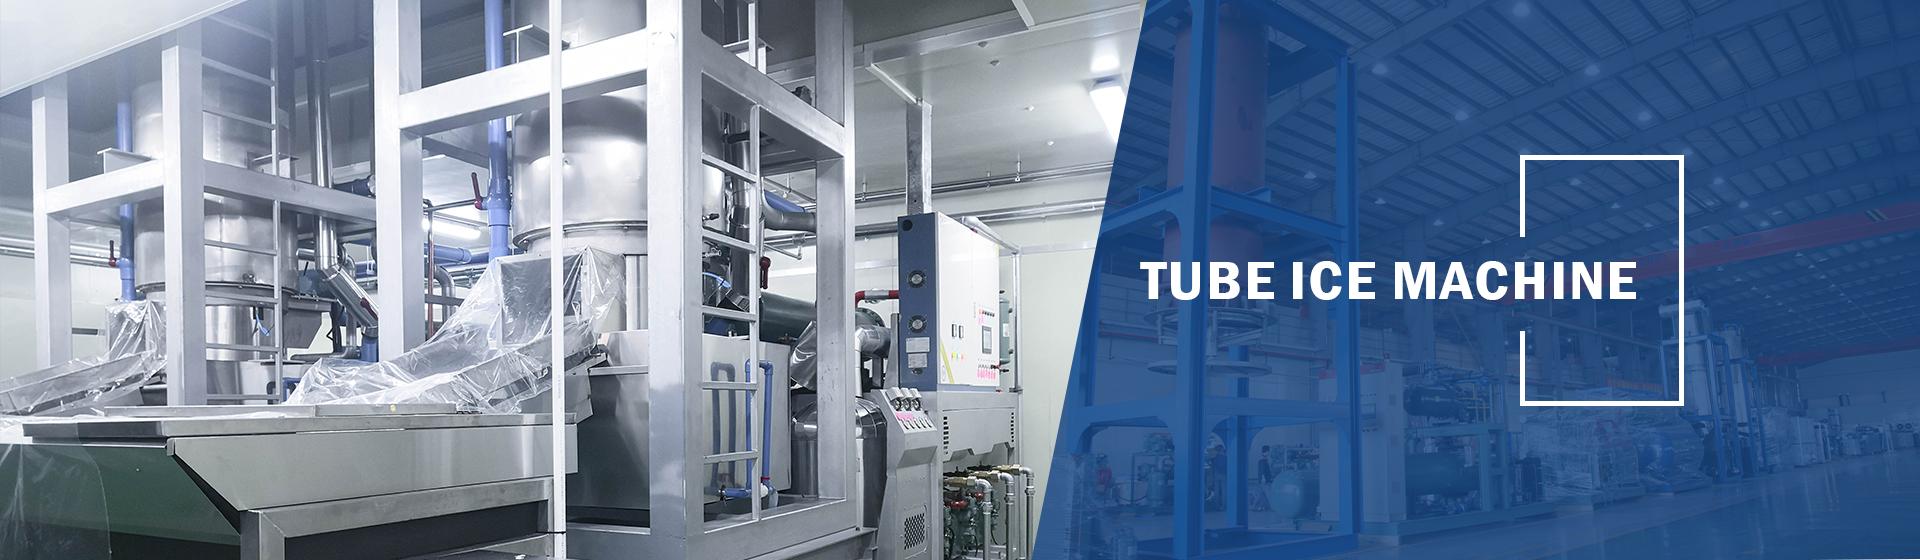 category-ice tube machine-CBFI-img-5